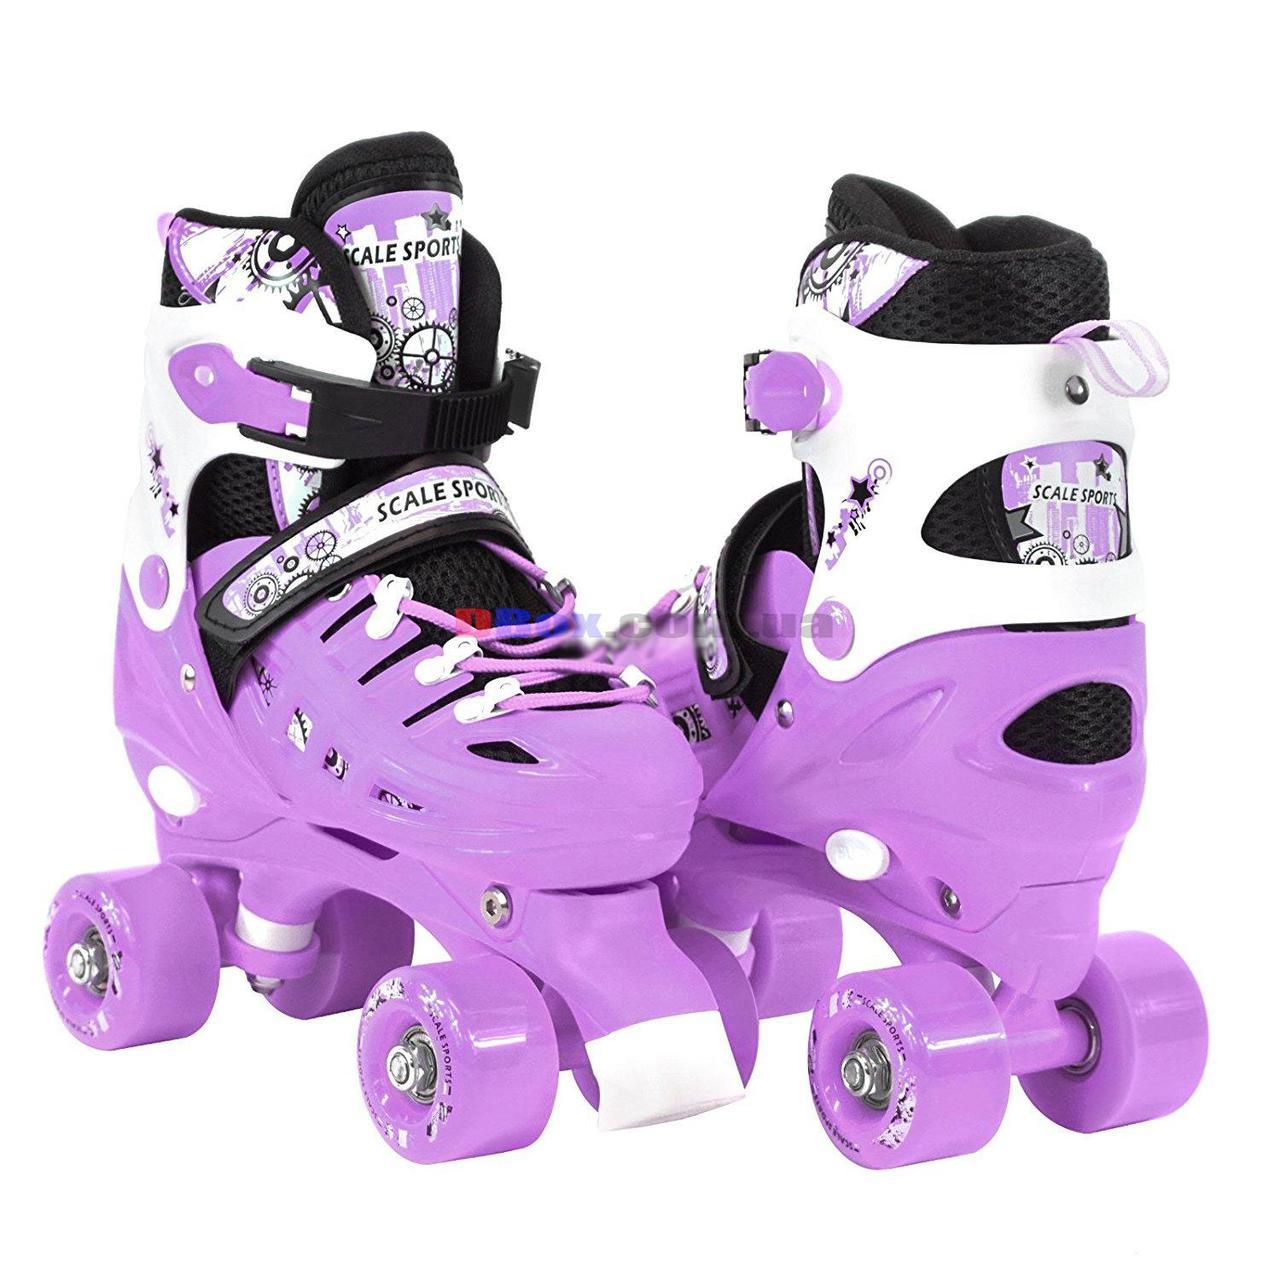 Ролики детские раздвижные квадровые Scale Sports Quad - USA произведено в США 34-38, Фиолетовый (2T3037/34-38/FT)